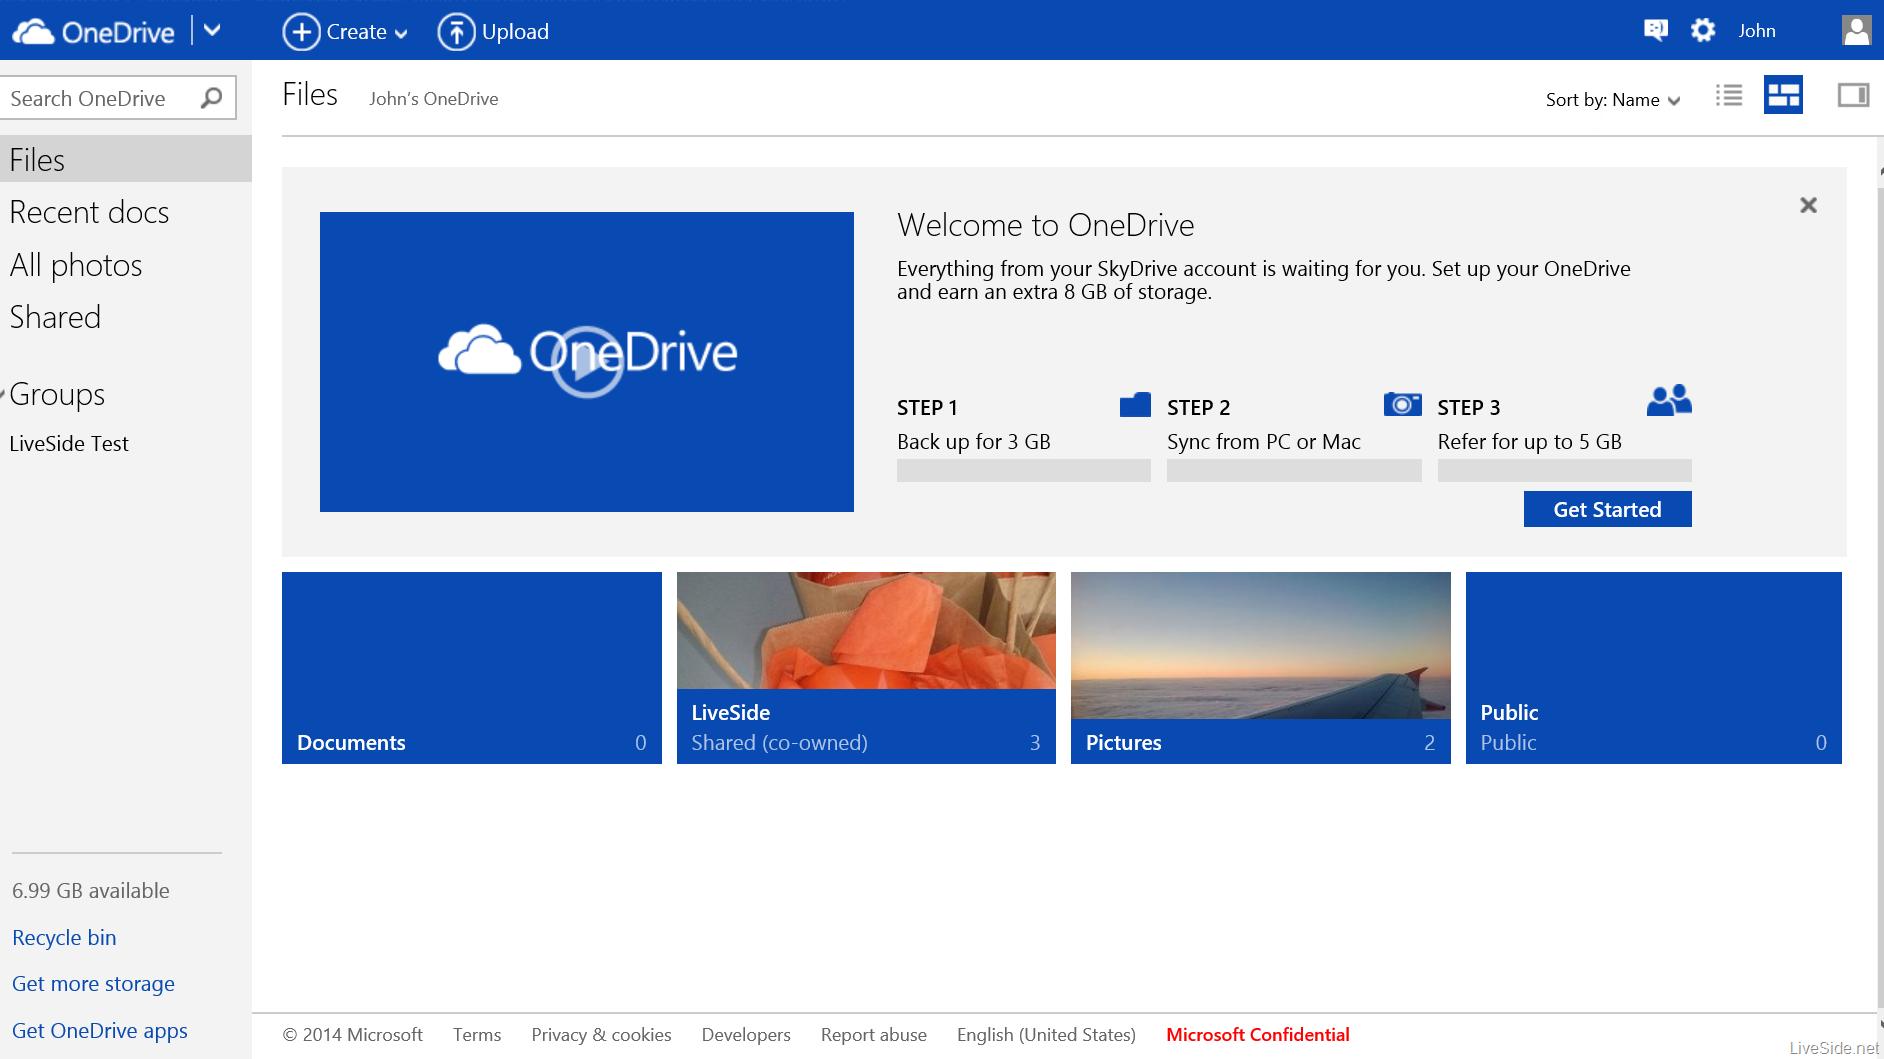 OneDrive: Contrat de niveau de service (SLA), Sauvegarde Automatique, Sauvegarde vers un NAS